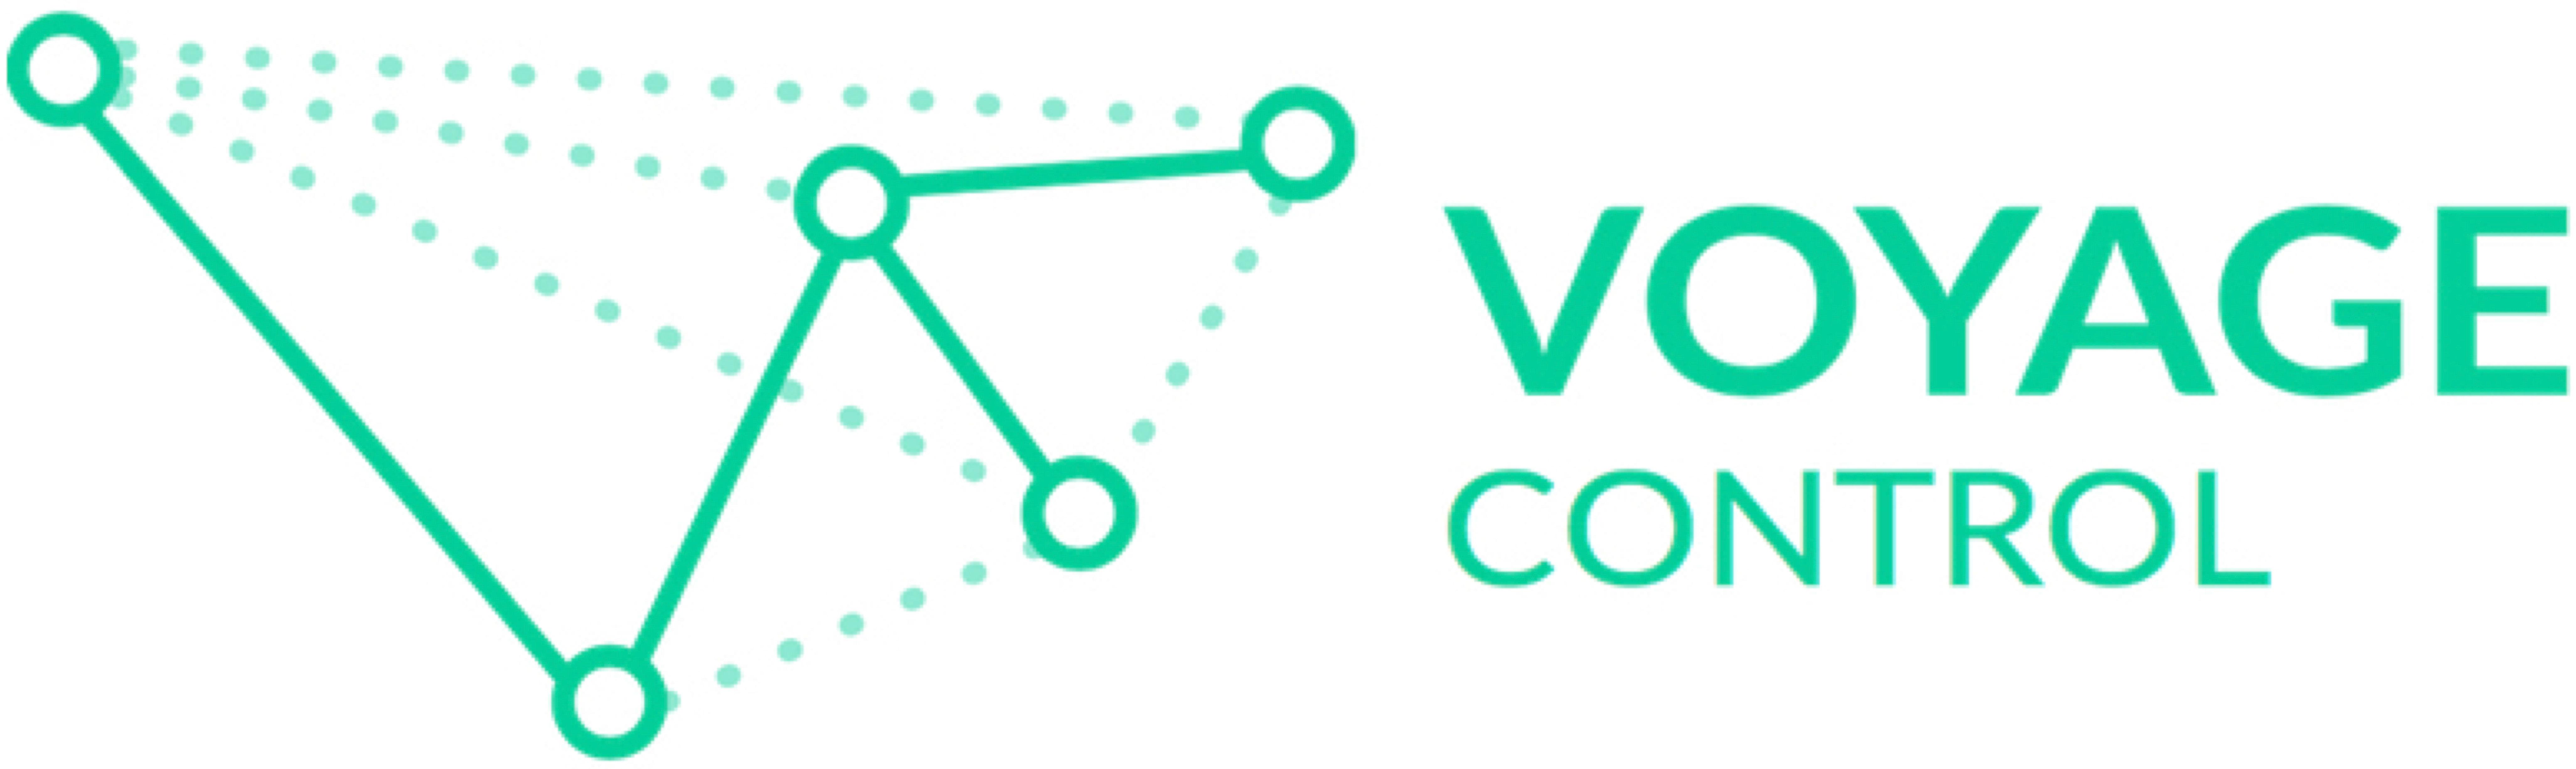 Voyage control logo